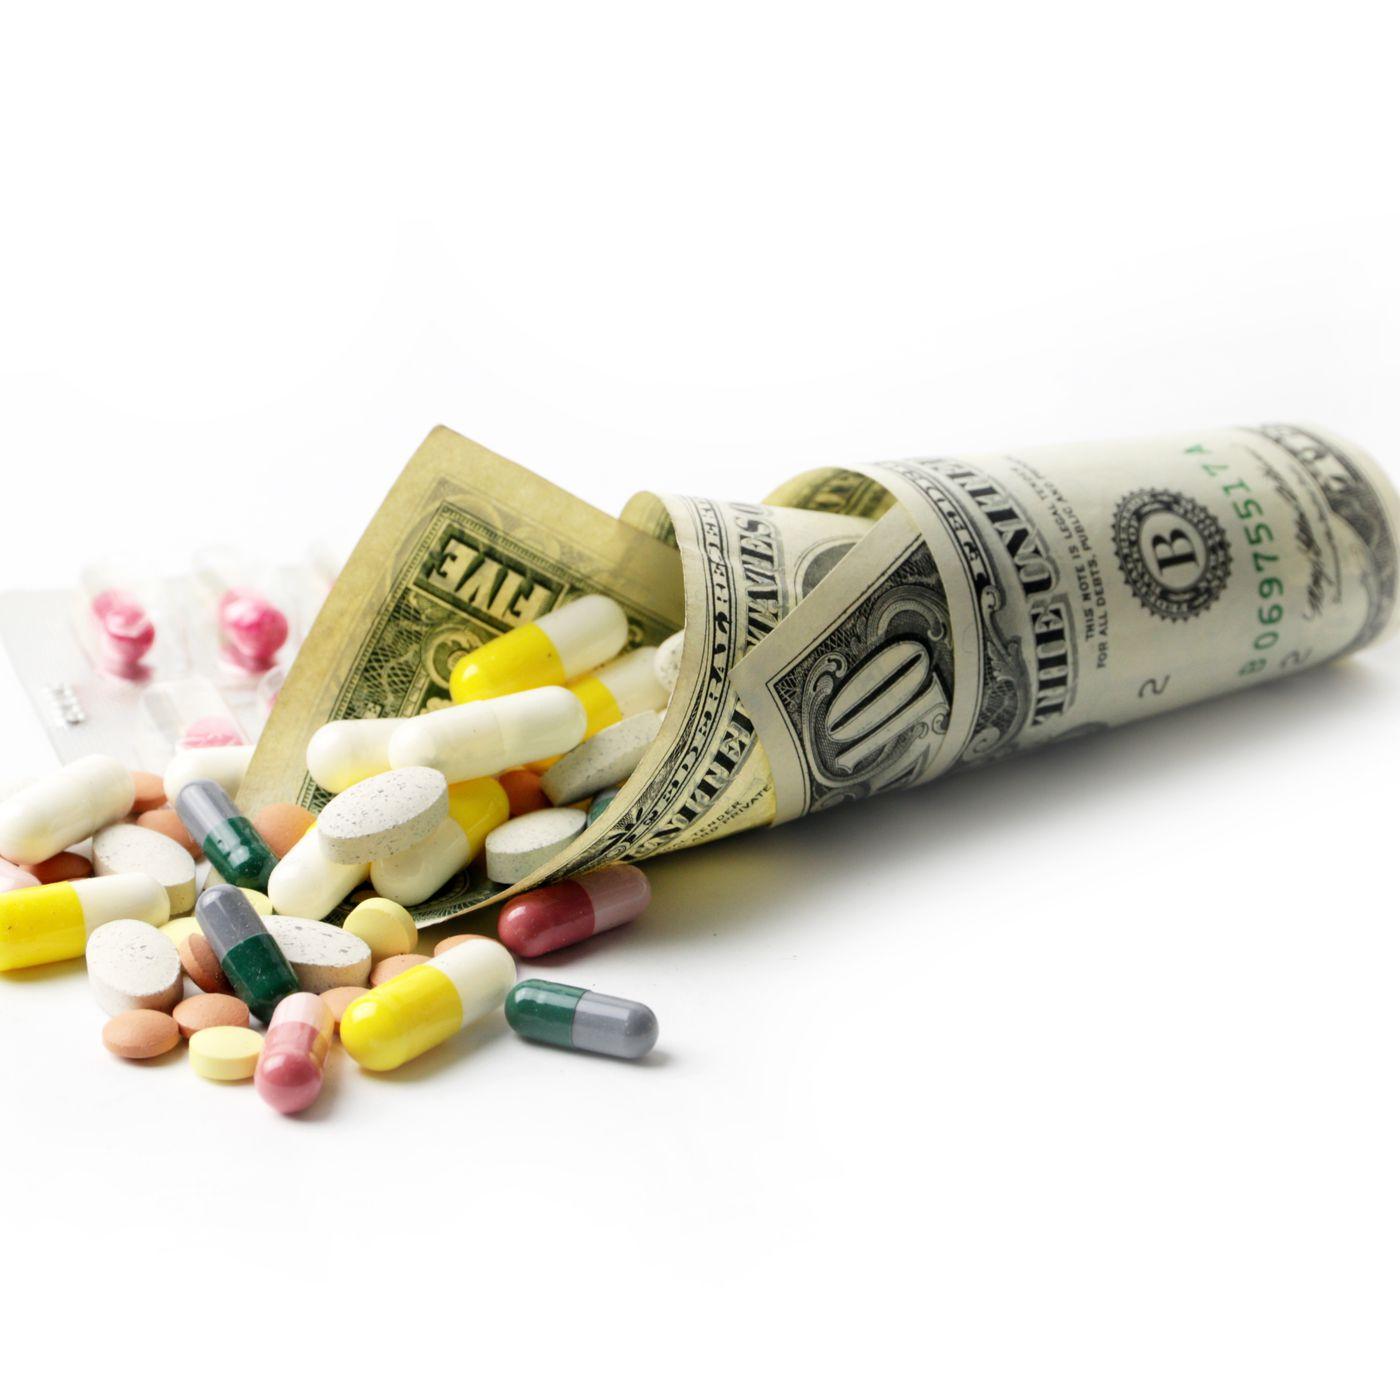 Chi phí xét nghiệm tinh trùng hết bao nhiêu tiền